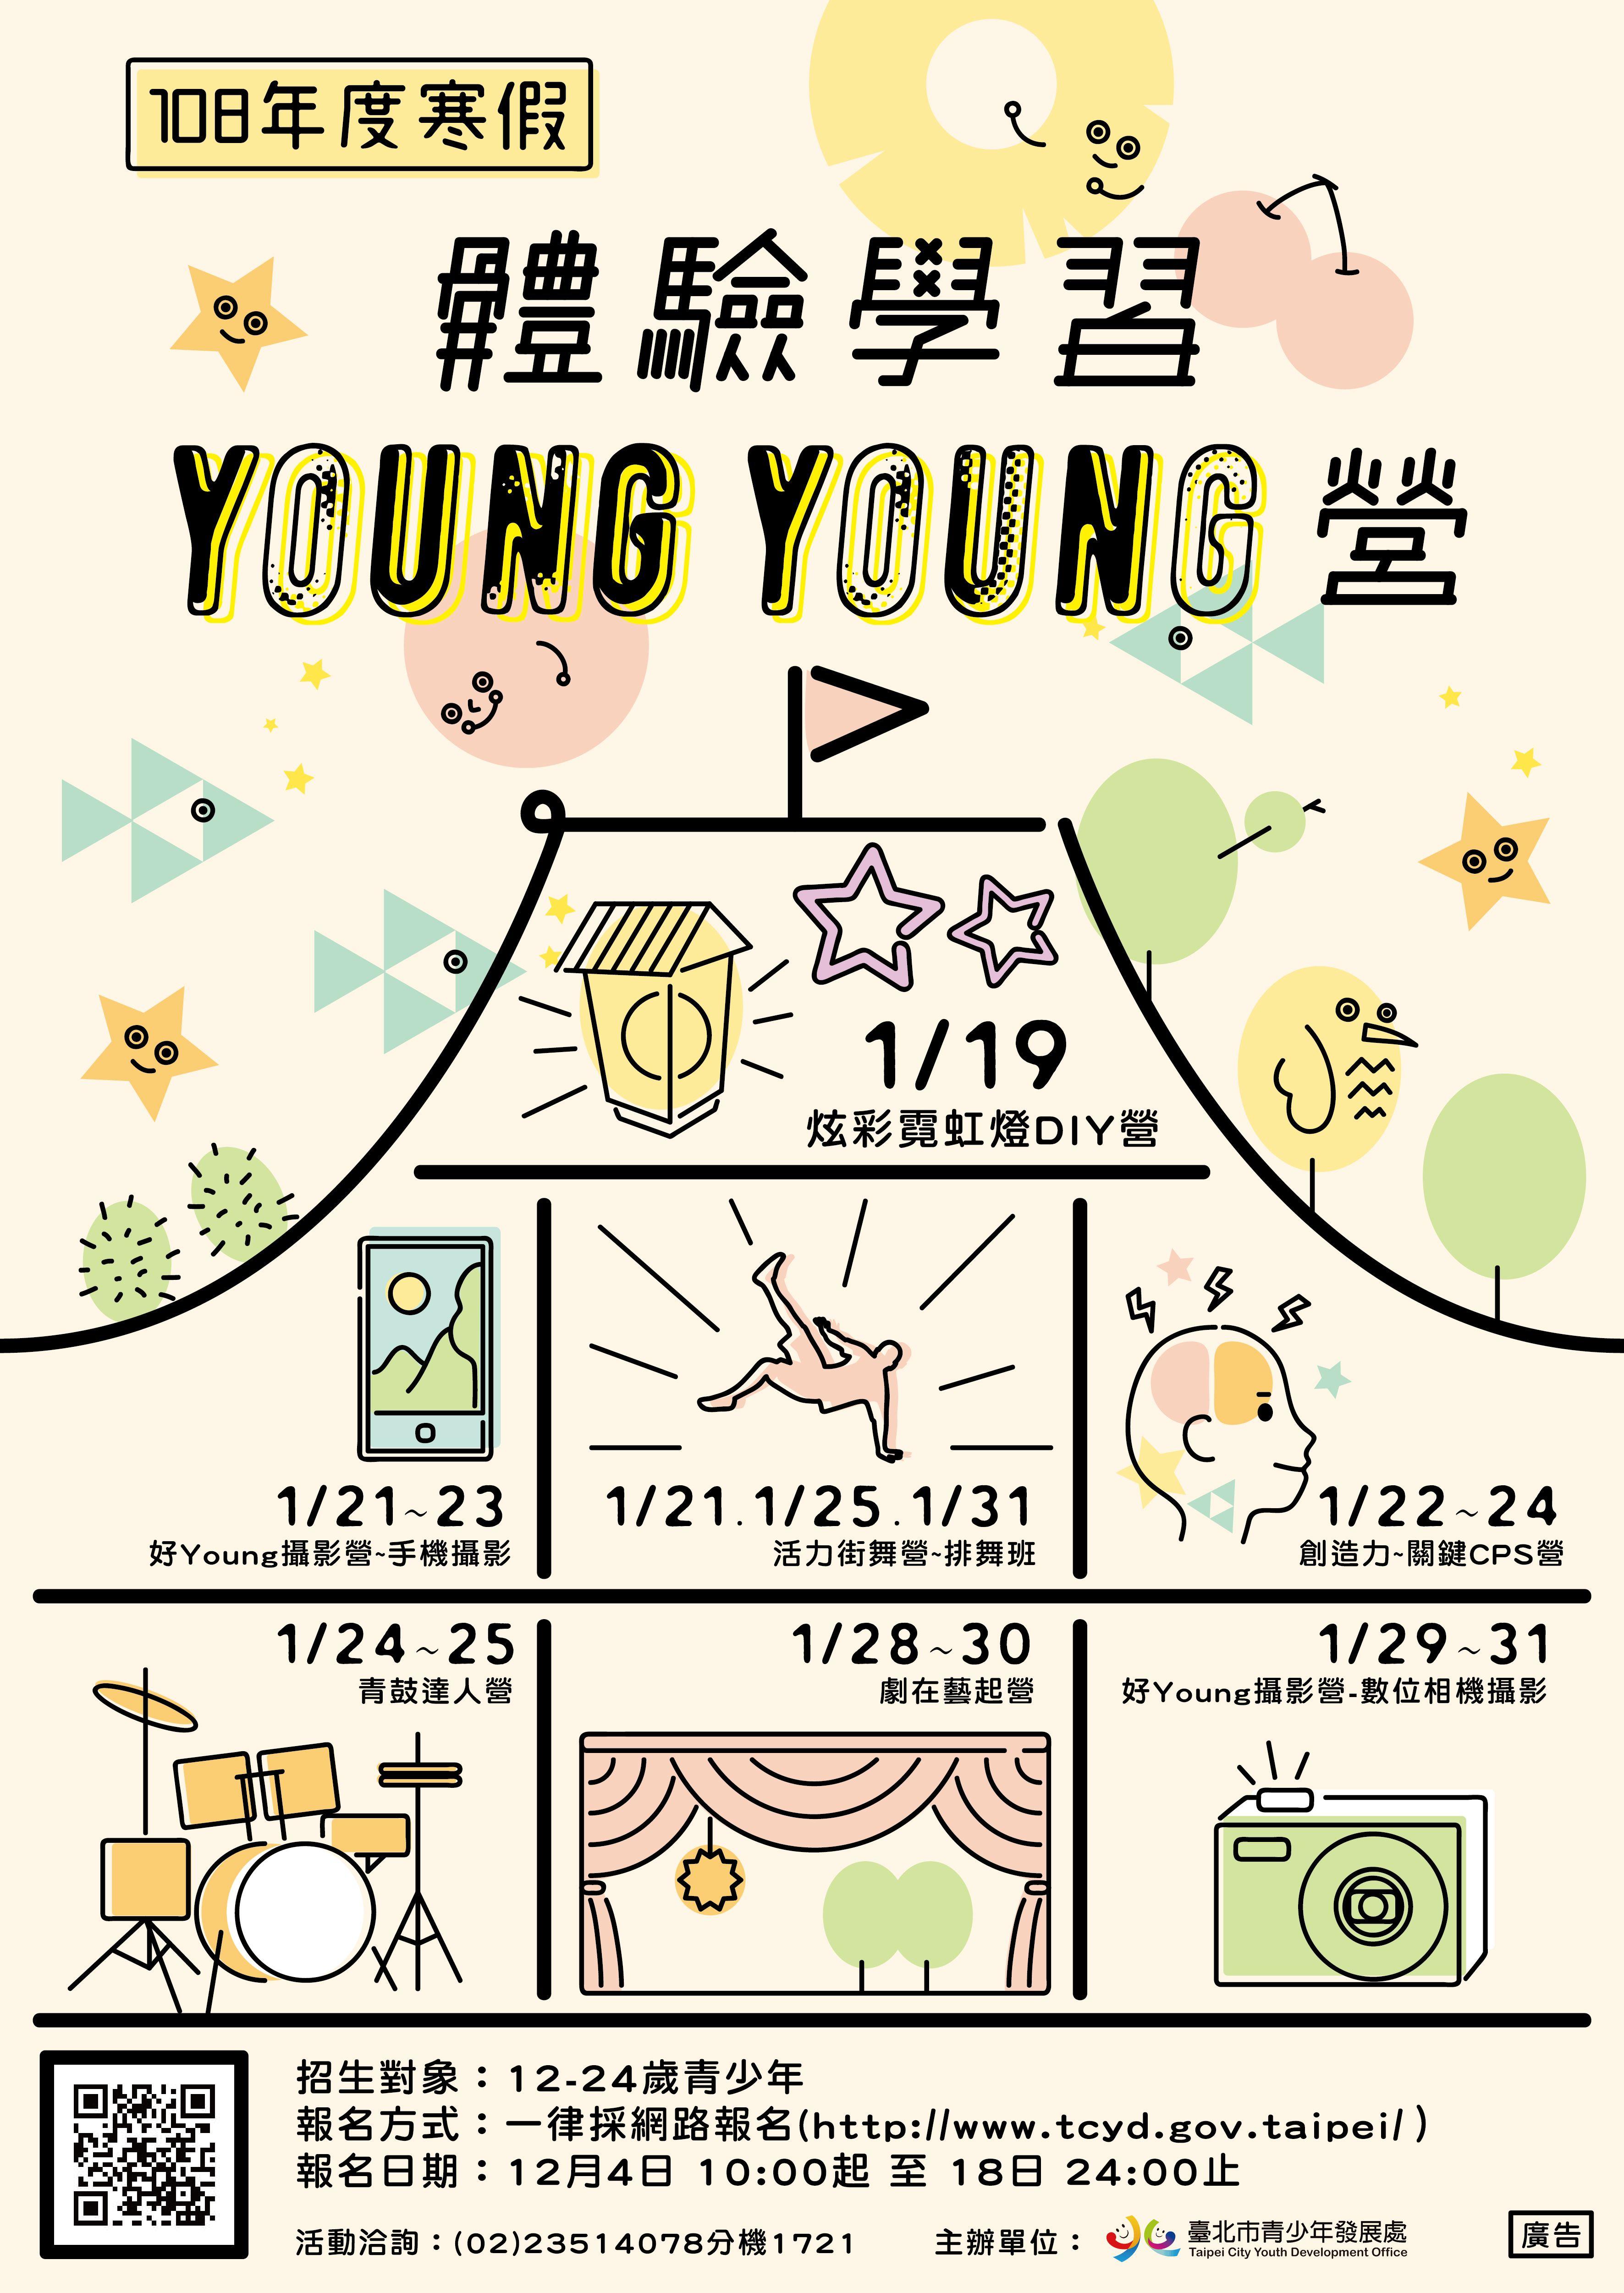 青發處活動視覺接案 體驗學習Young Young營